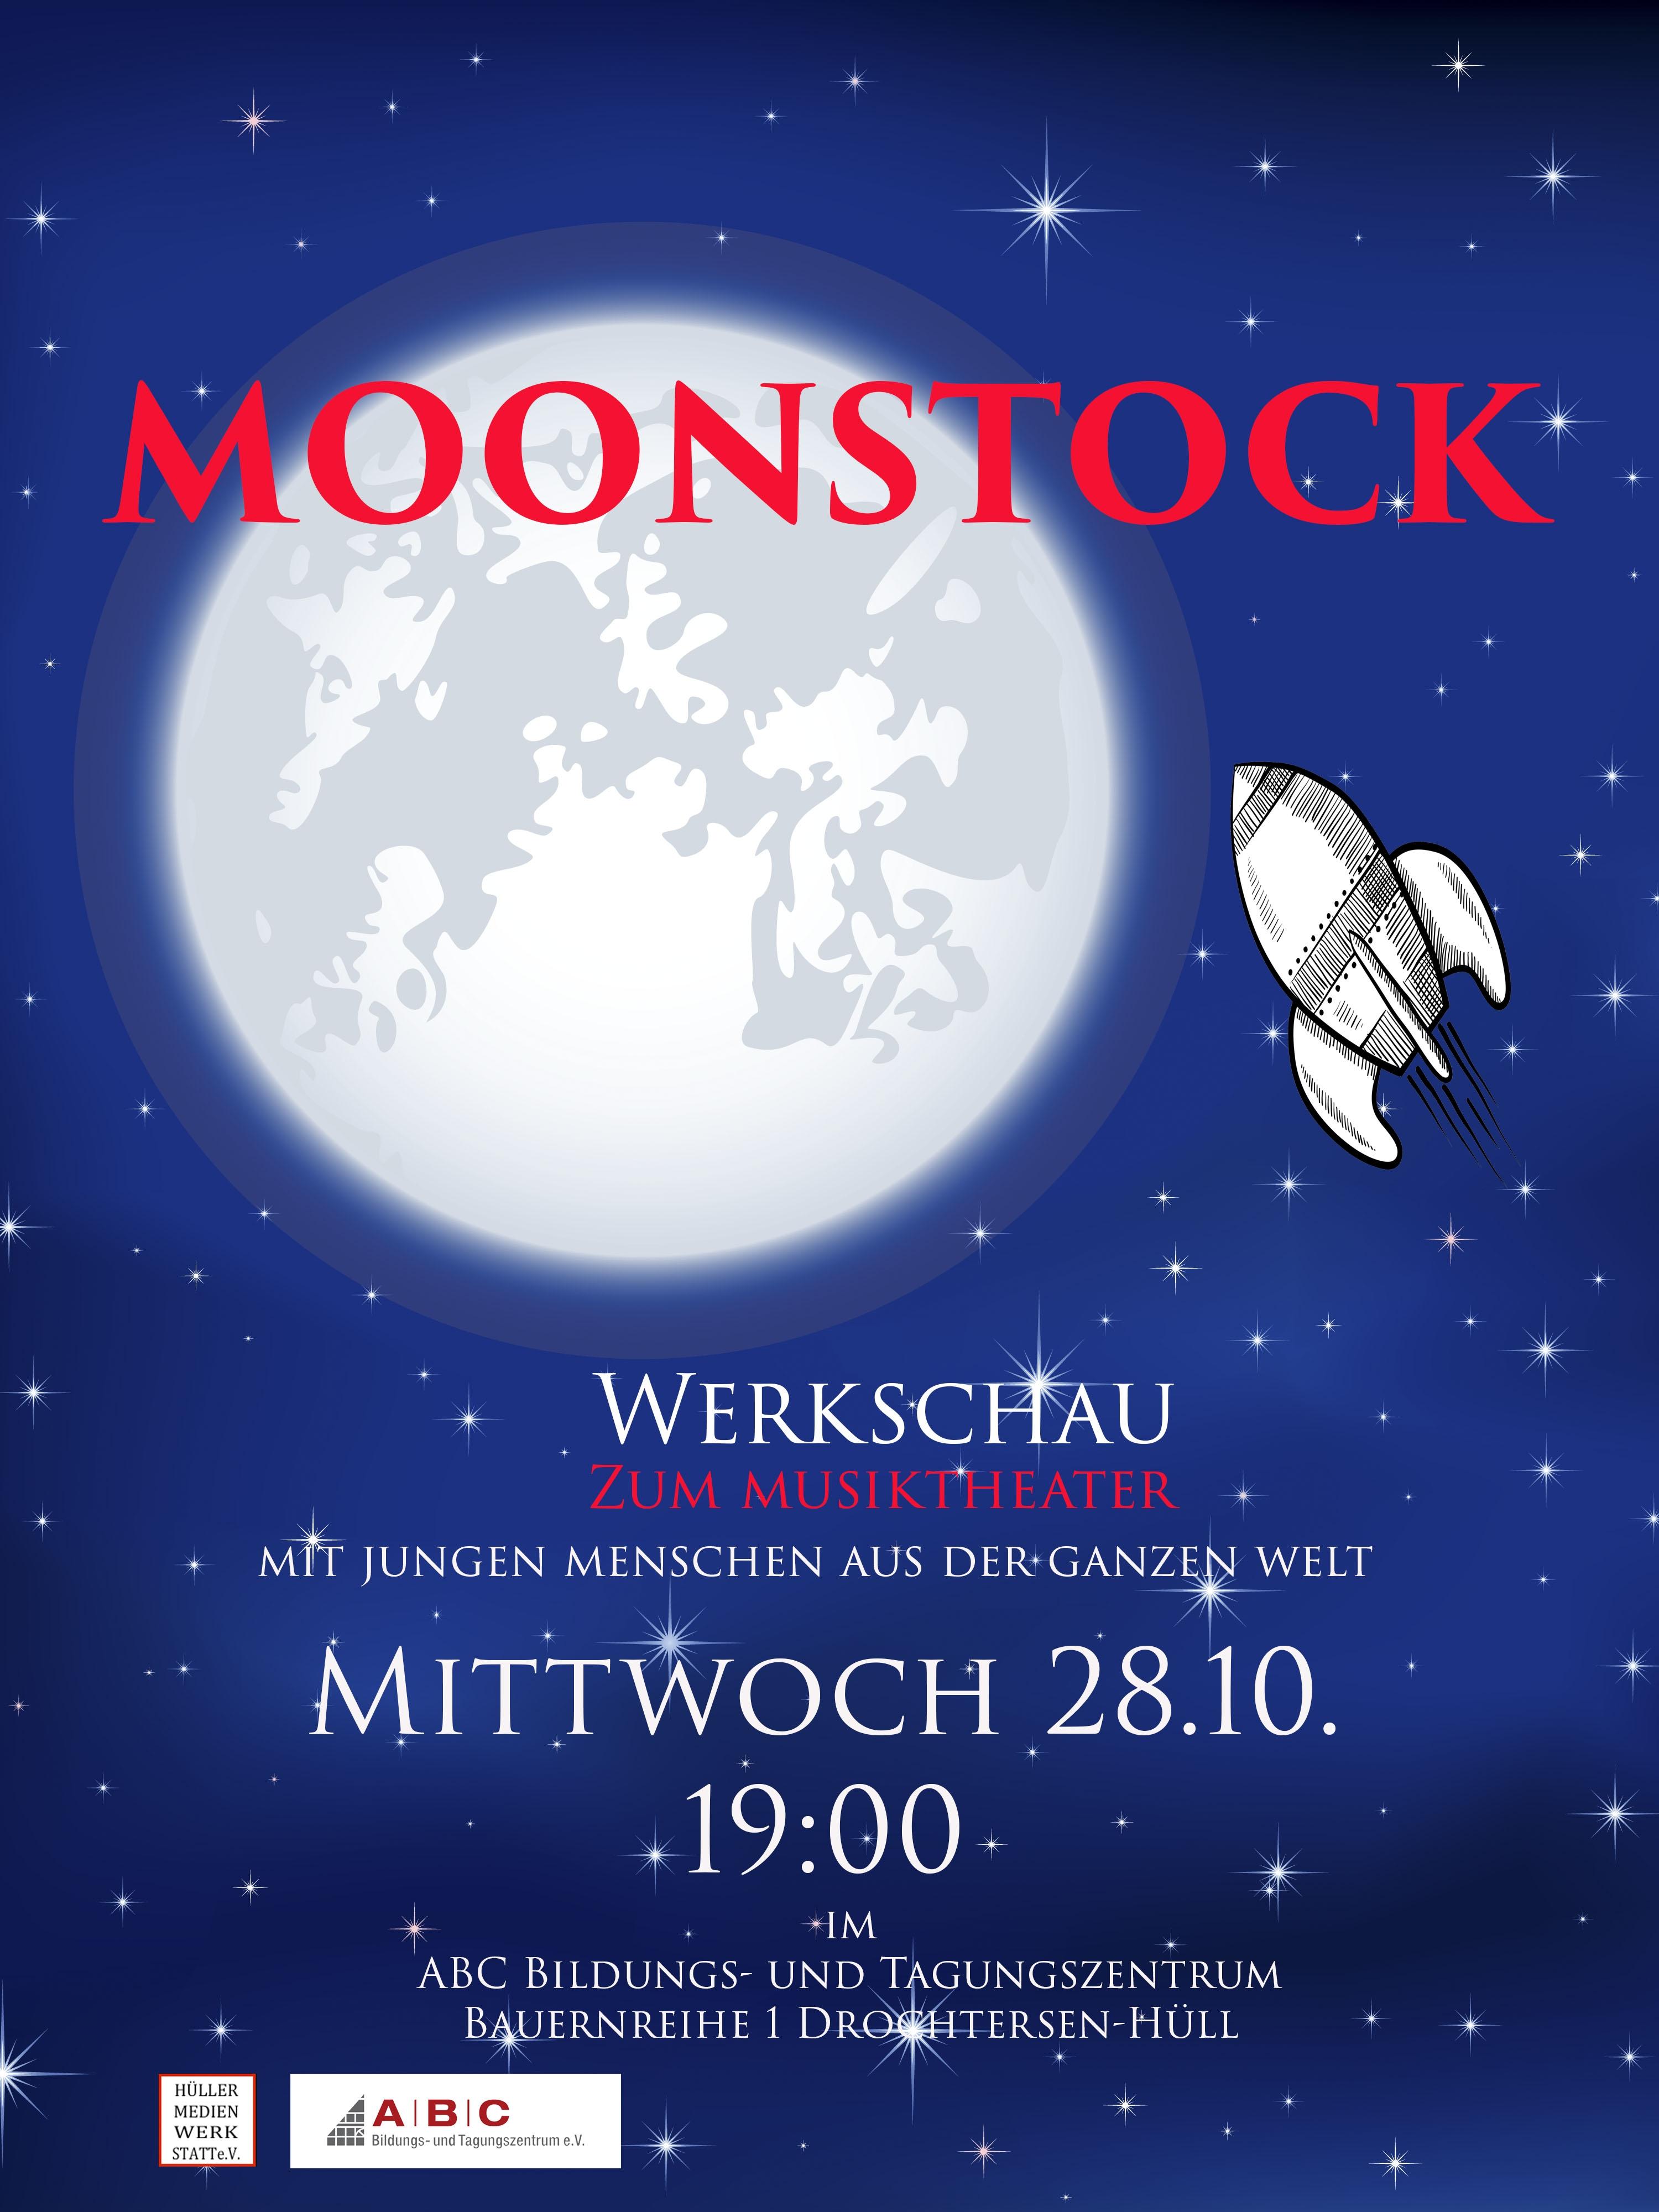 PlakatMoonstsock.jpg